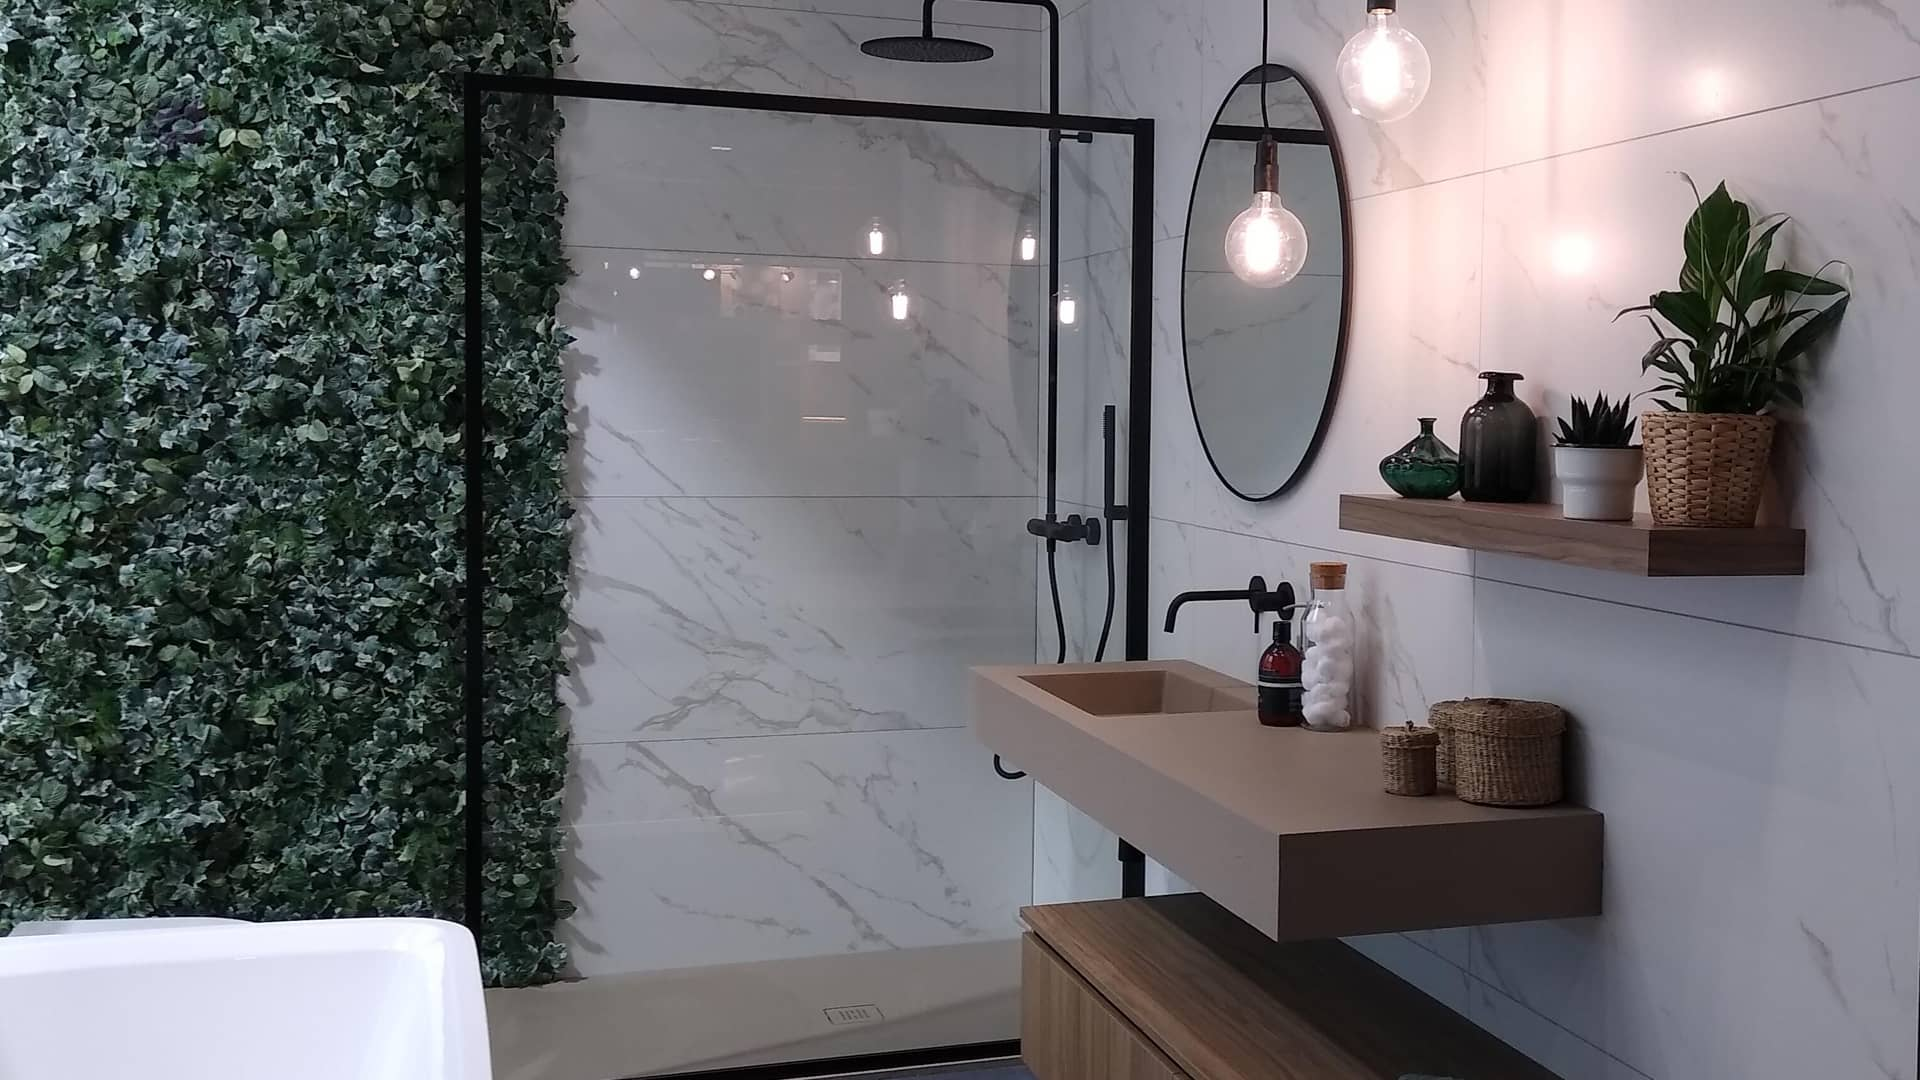 Badkamer Renovatie Verwarming En Ventilatie Wij Doen Echt Alles Voor Uw Badkamer Vepa Sanitair